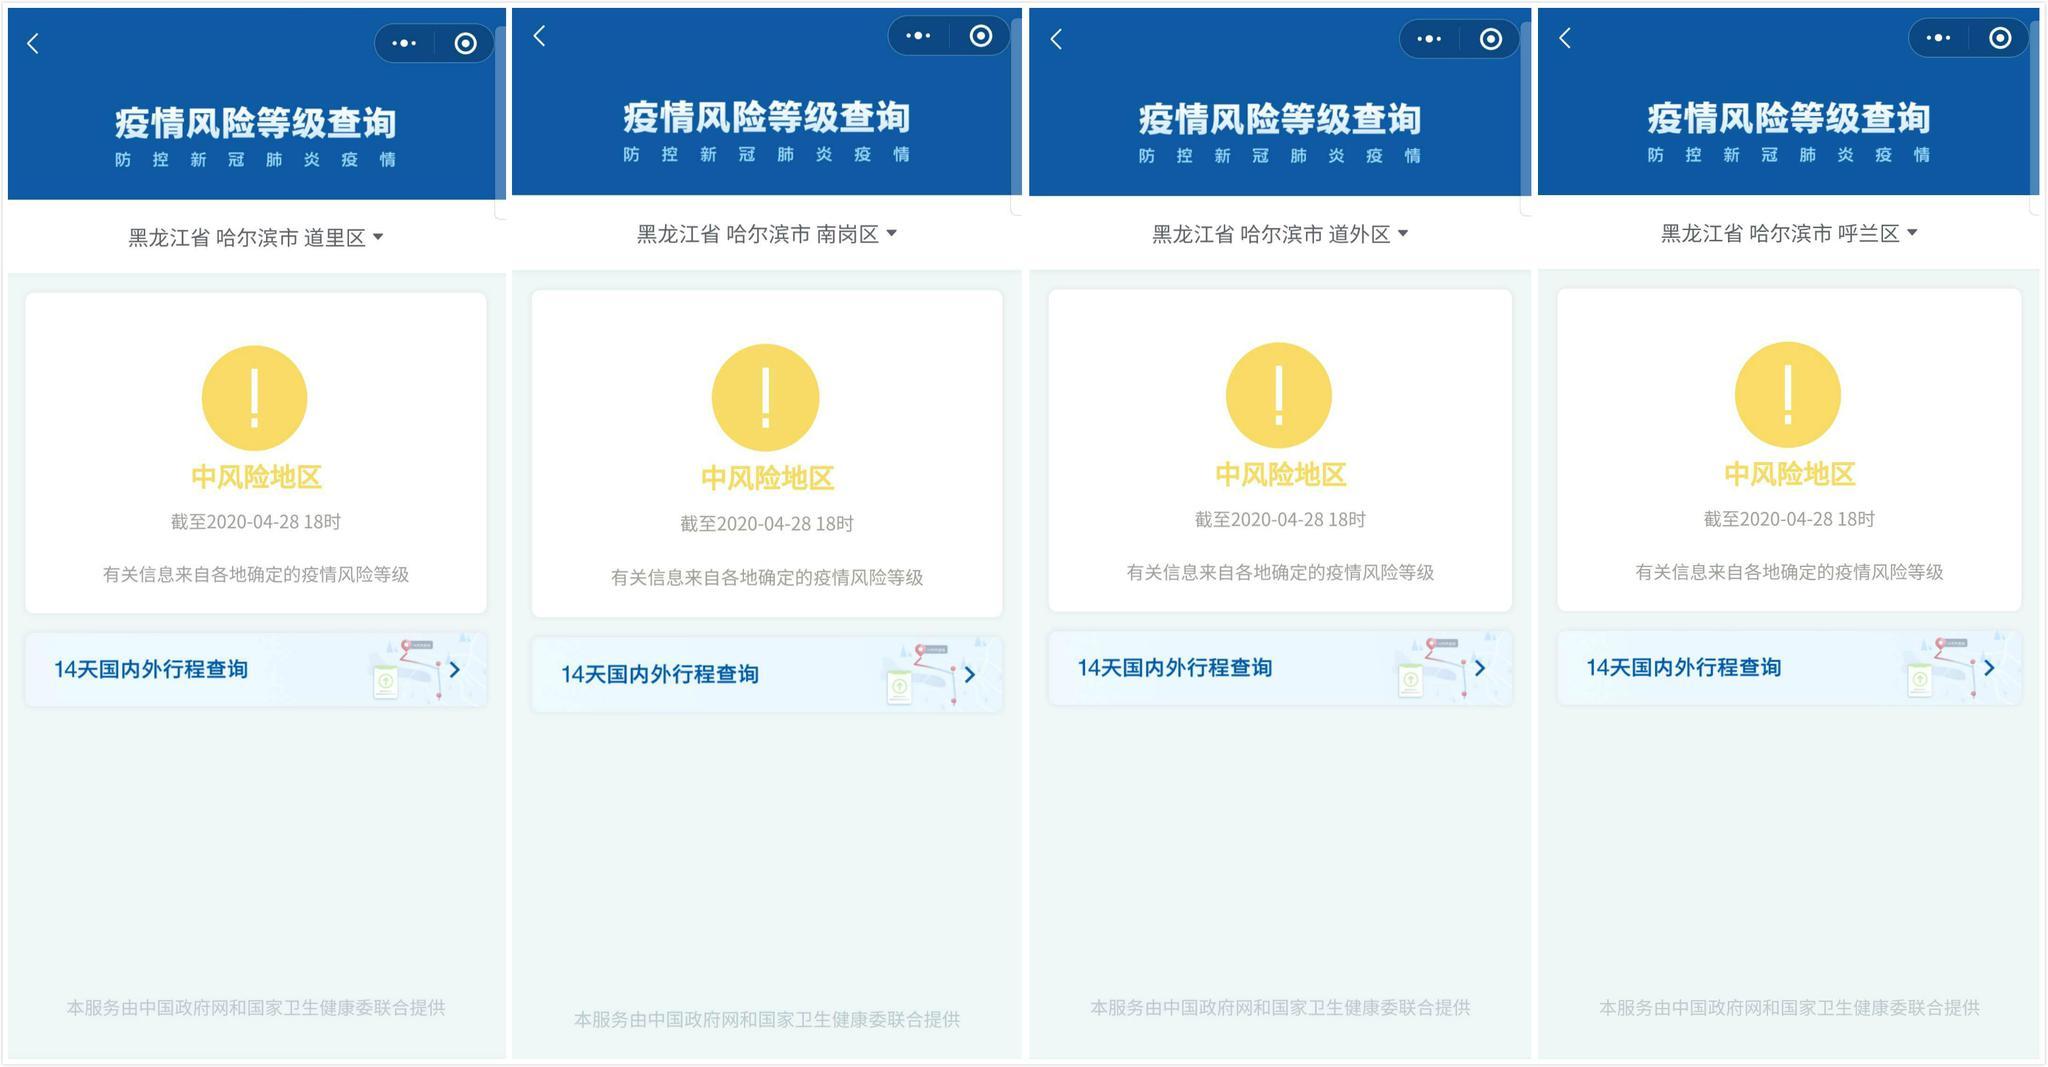 朝阳区人口_北京响应等级调整后这9个地区人员来京仍需隔离14天